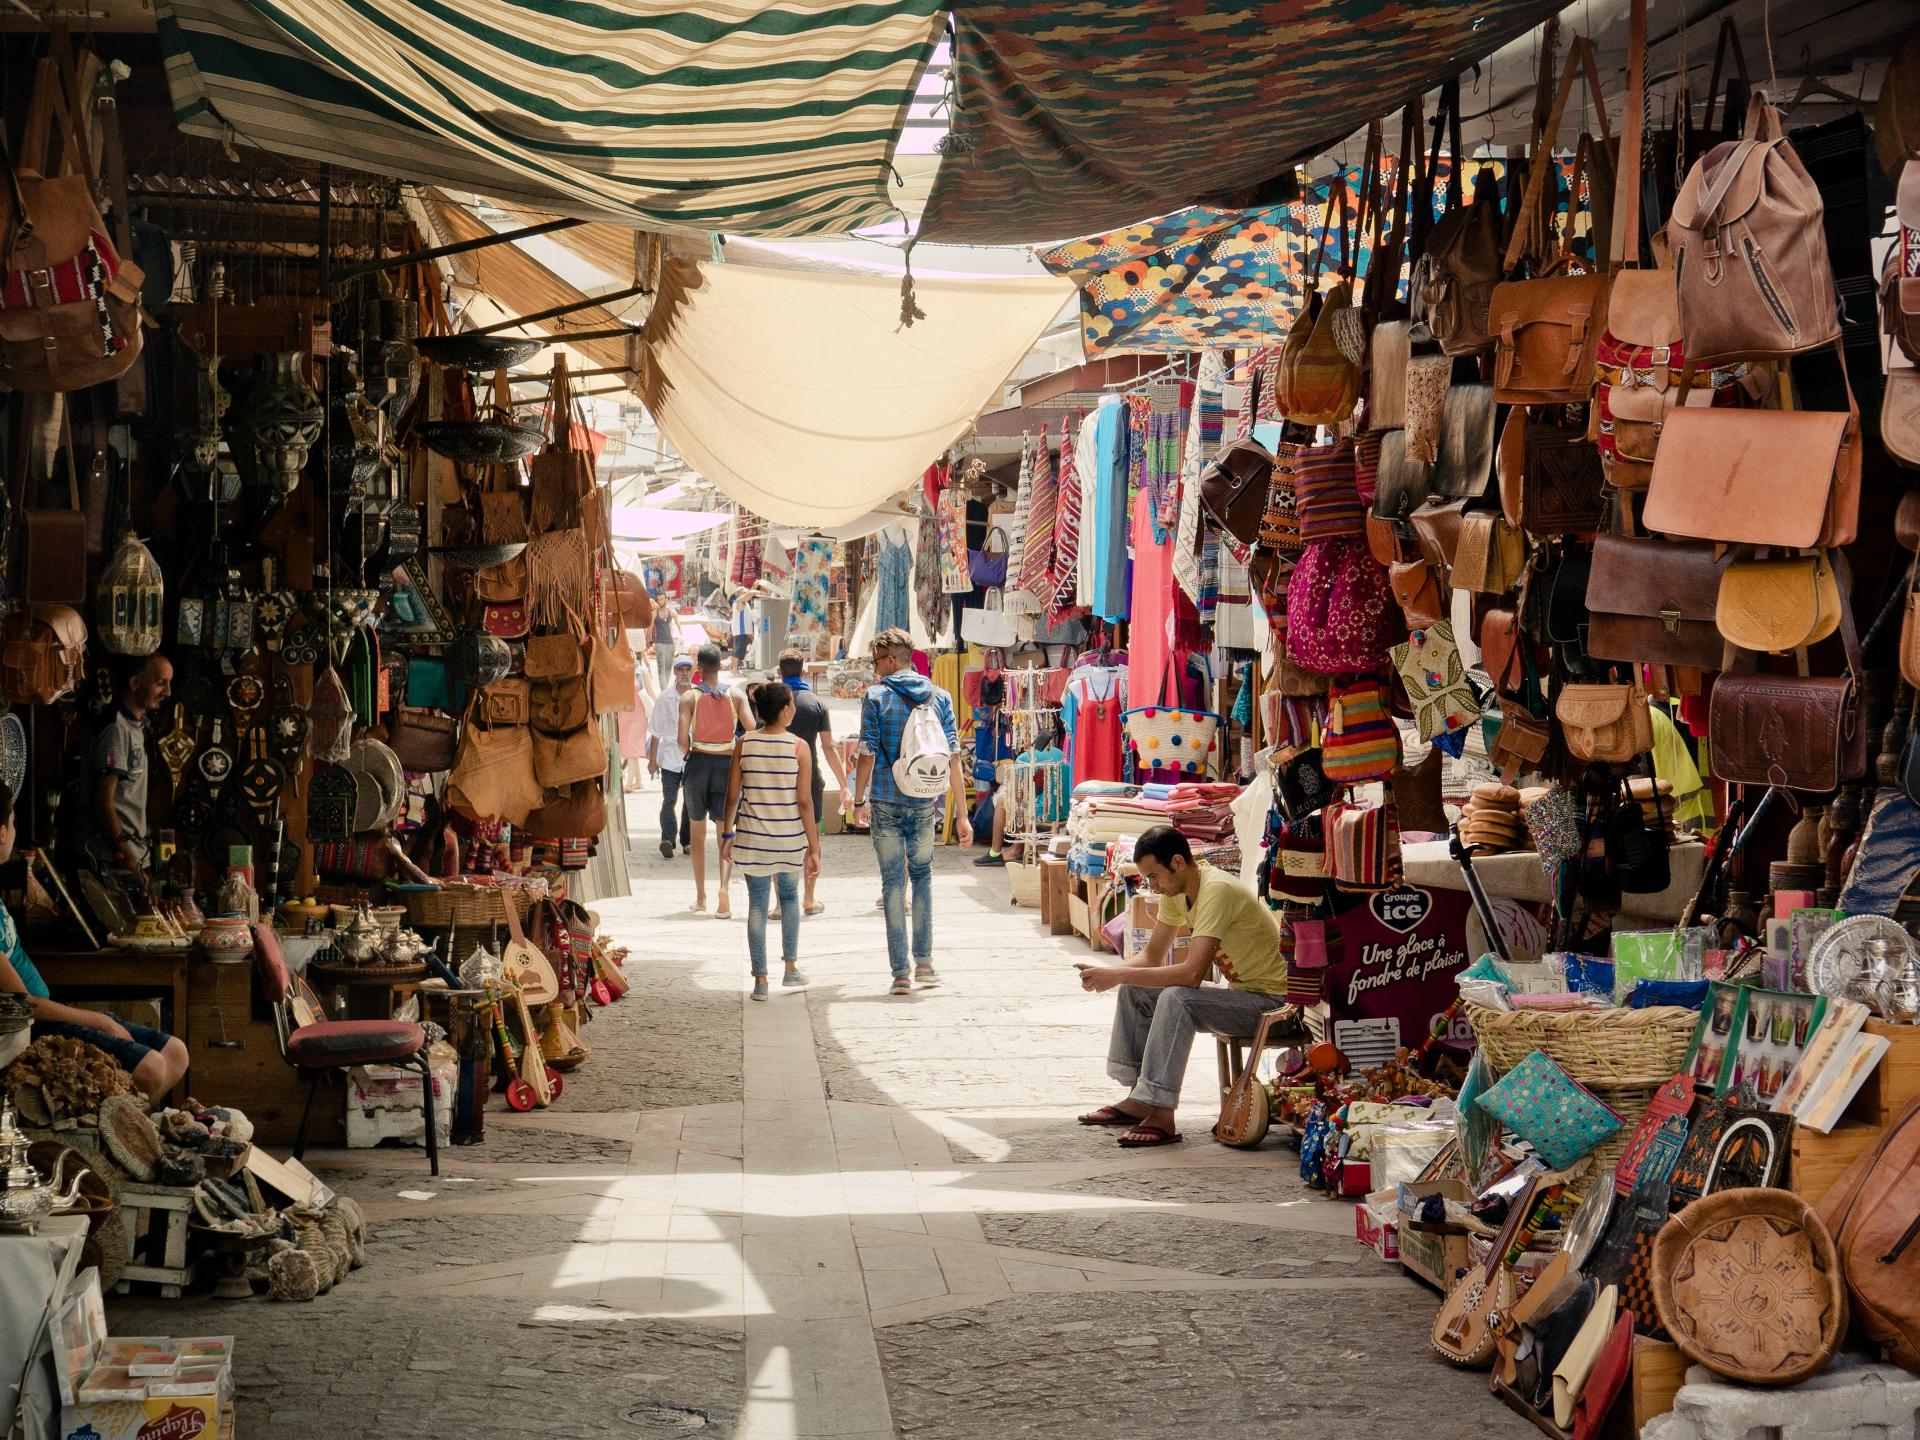 Einheimische Märkte, die nicht im Reiseführer stehen können ein besonderer Geheimtipp sein, um die dortige Kultur kennen zu lernen - Photocredit: pixabay.com/TheUjulala